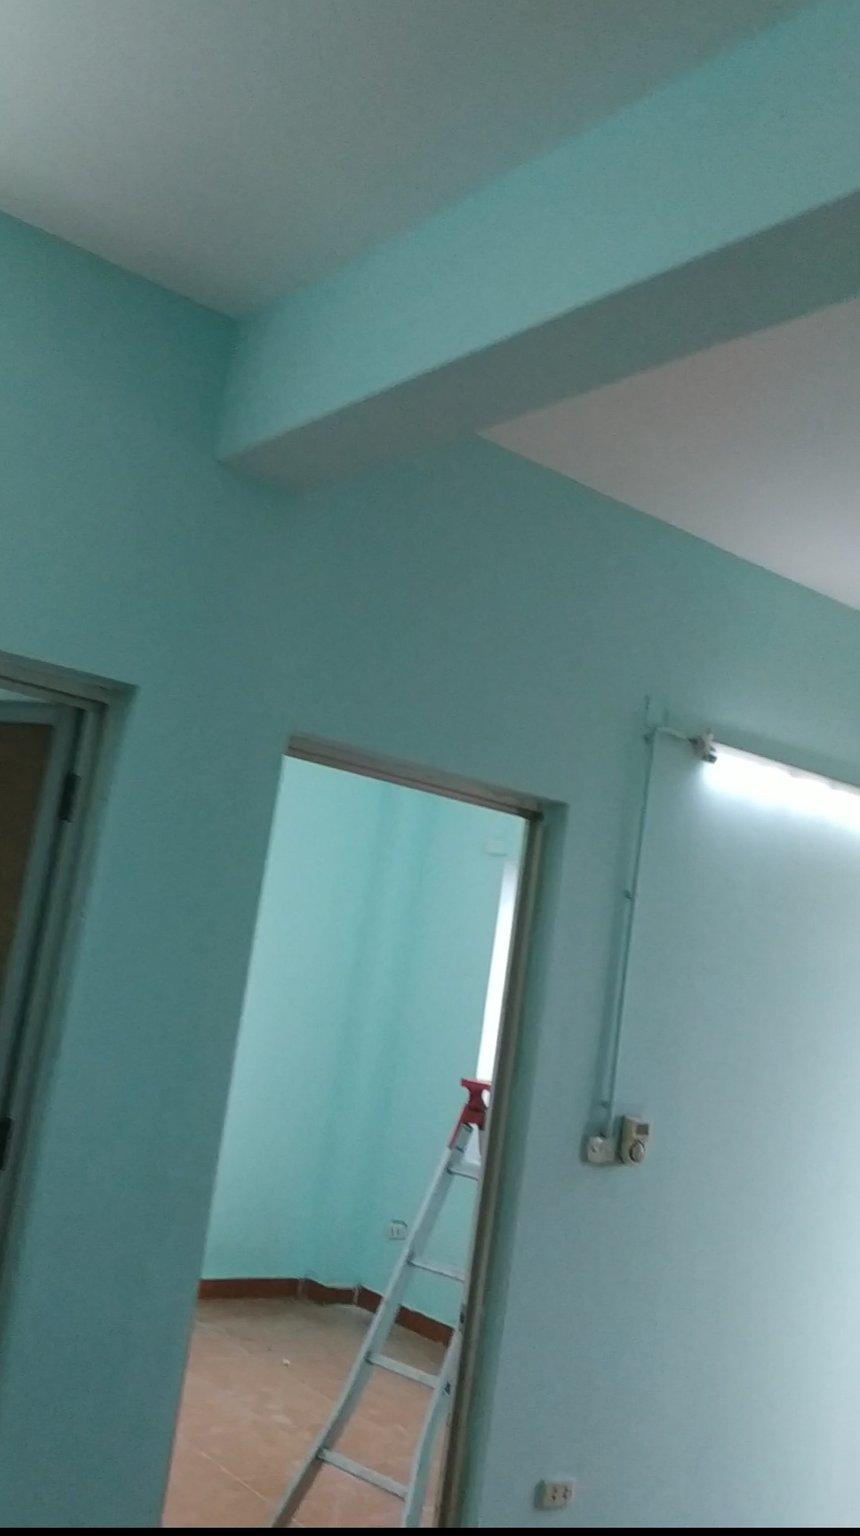 Cho thuê căn hộ 70m2 , 2 phòng ngủ , 1 vs ,1 phòng khách lh 0975709399